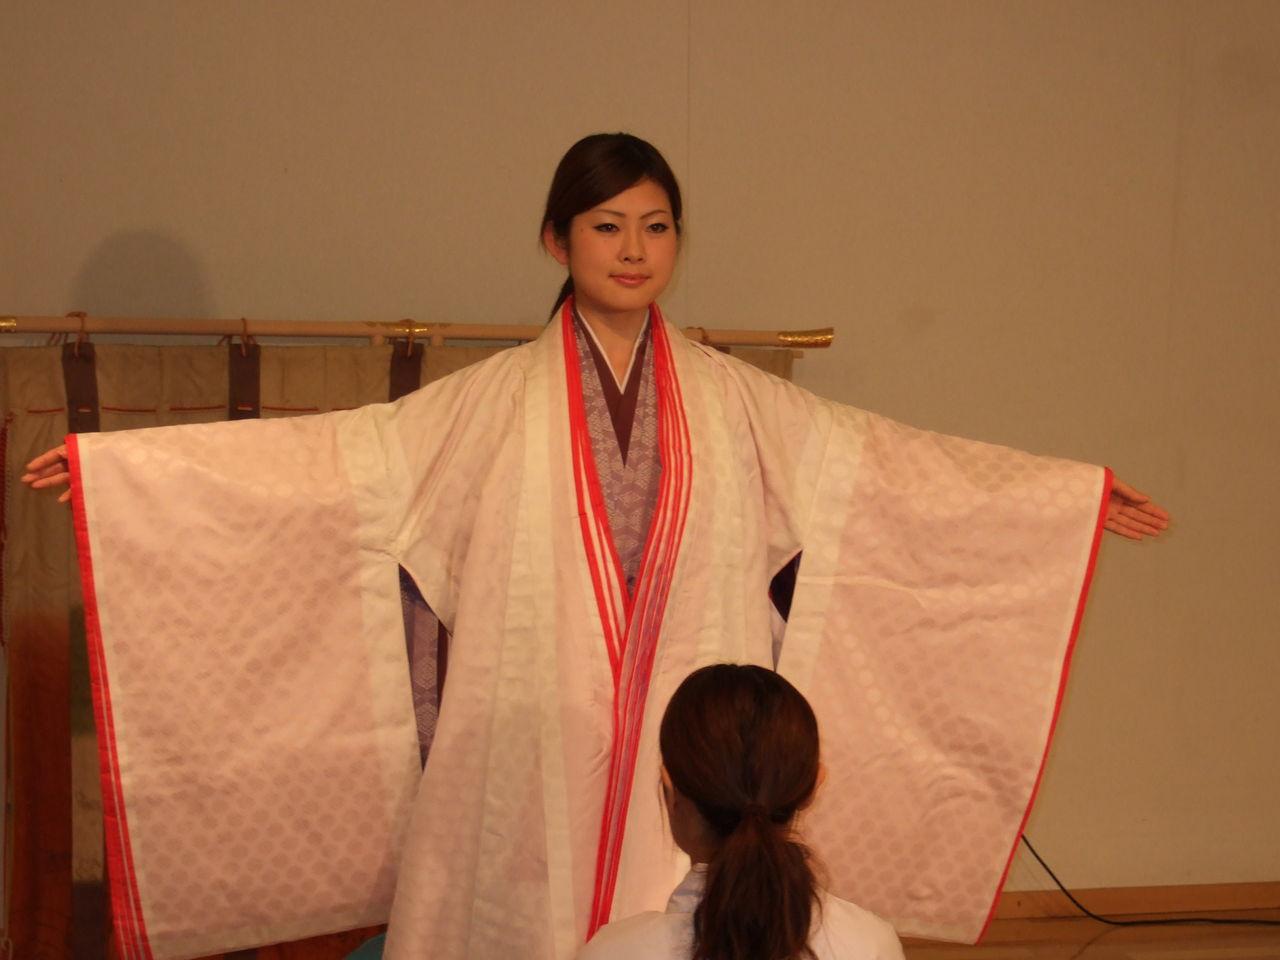 第43代姫路お城の女王のブログ : 敬宮愛子内親王殿下 ご成長記録写真と宮廷装束公開